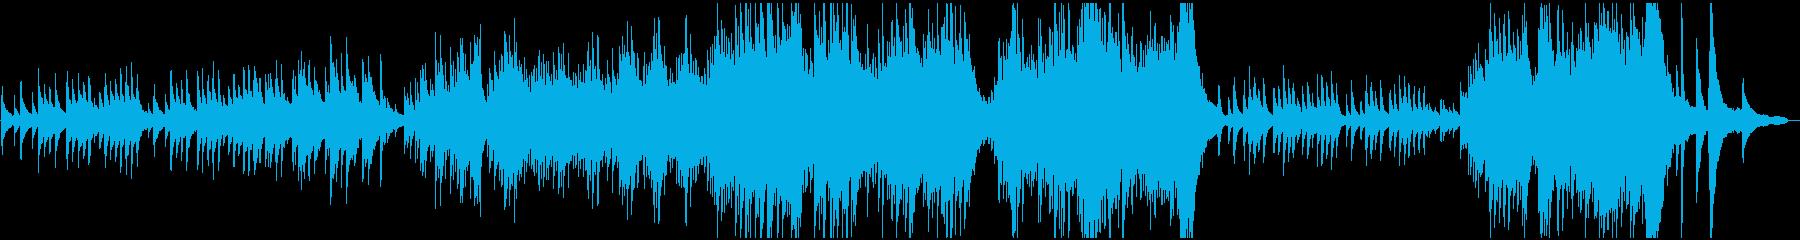 ピアノソロ:エンディング、癒し、静かの再生済みの波形